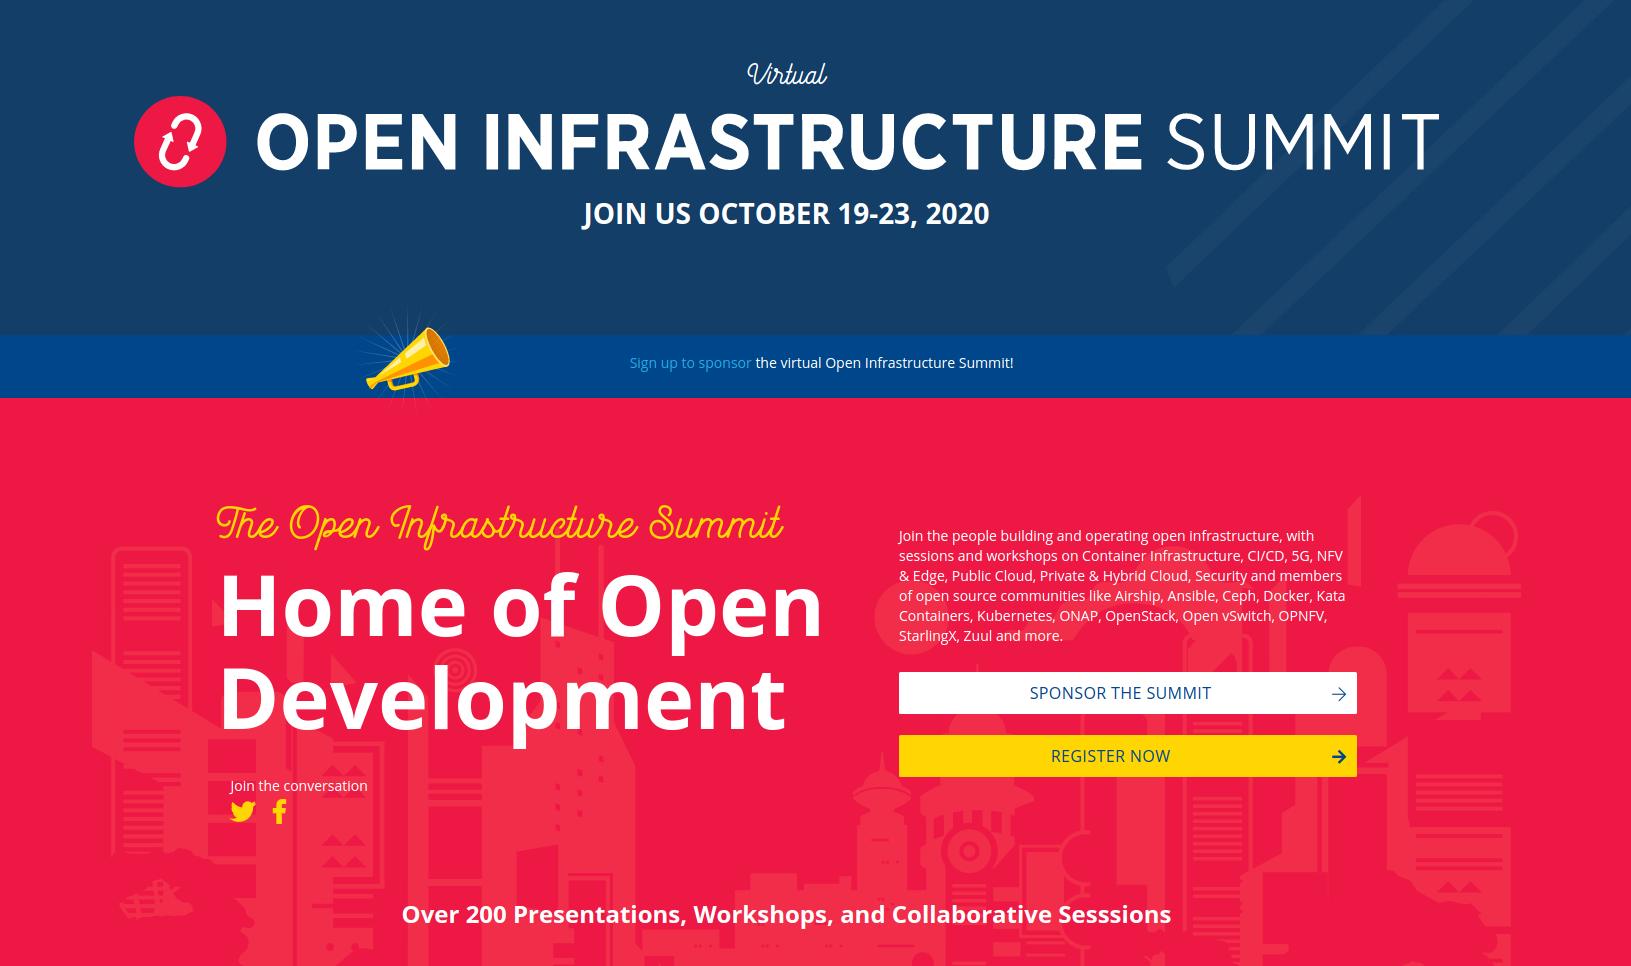 openinfrastructuresummit